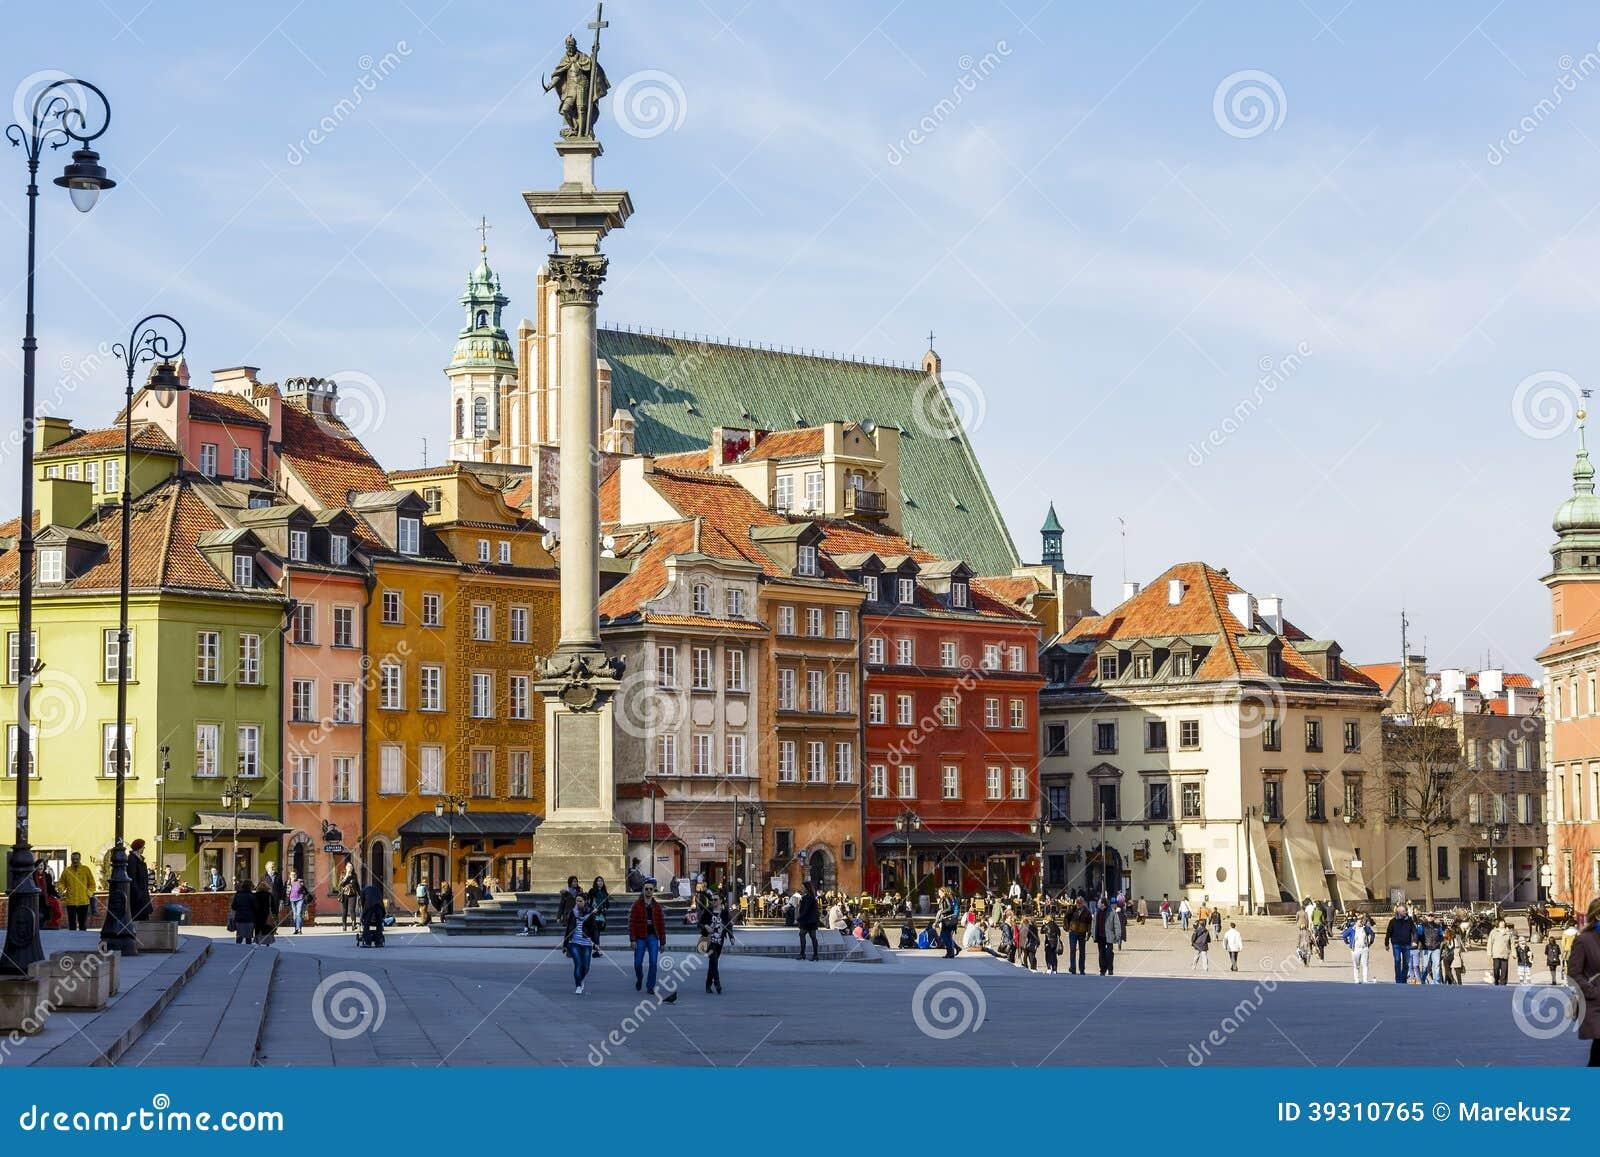 Statue du Roi Zygmunt III Waza et place de château